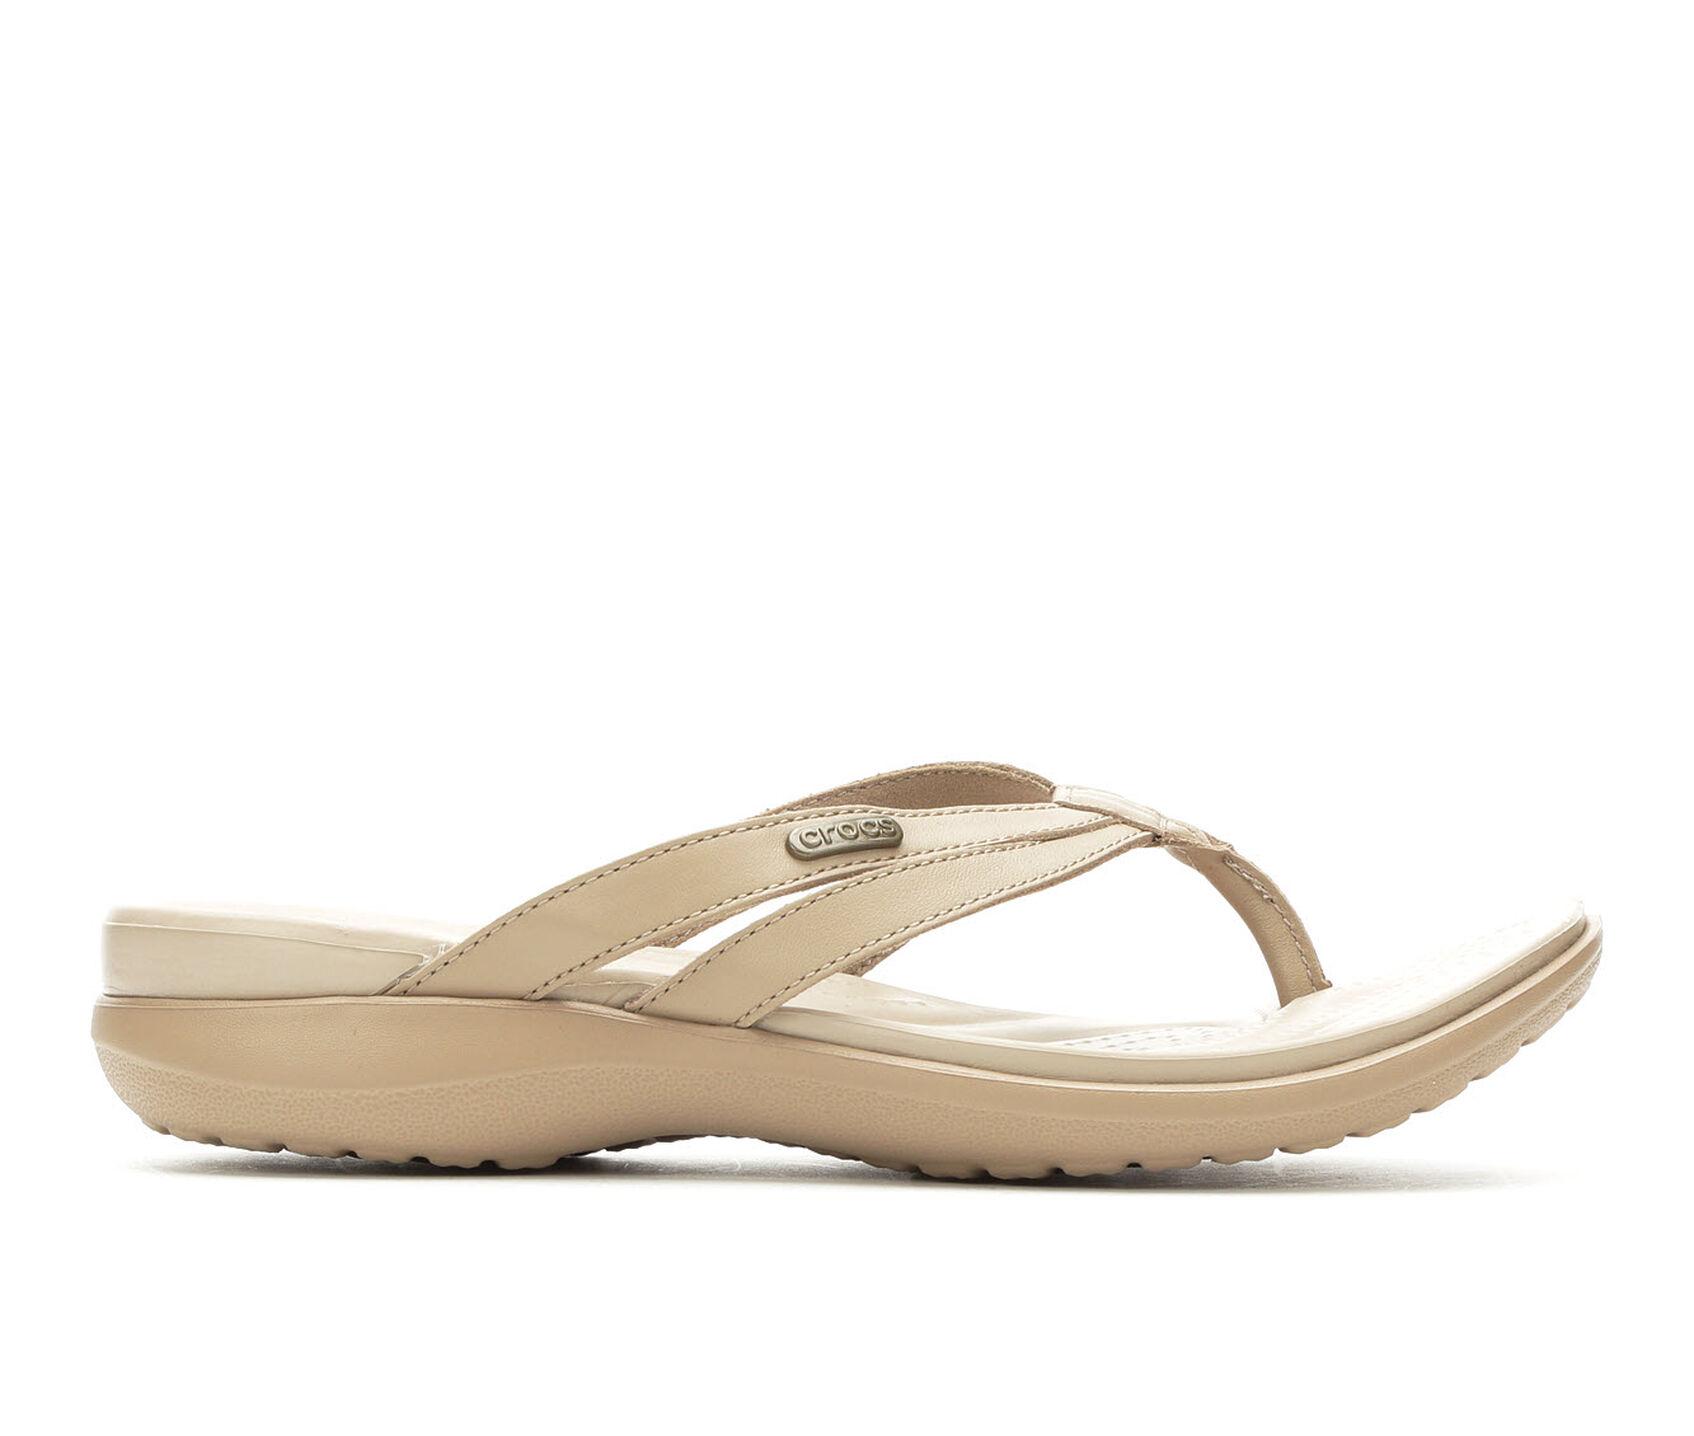 135370fc022 Women's Crocs Capri Strappy Flip-Flop | Shoe Carnival